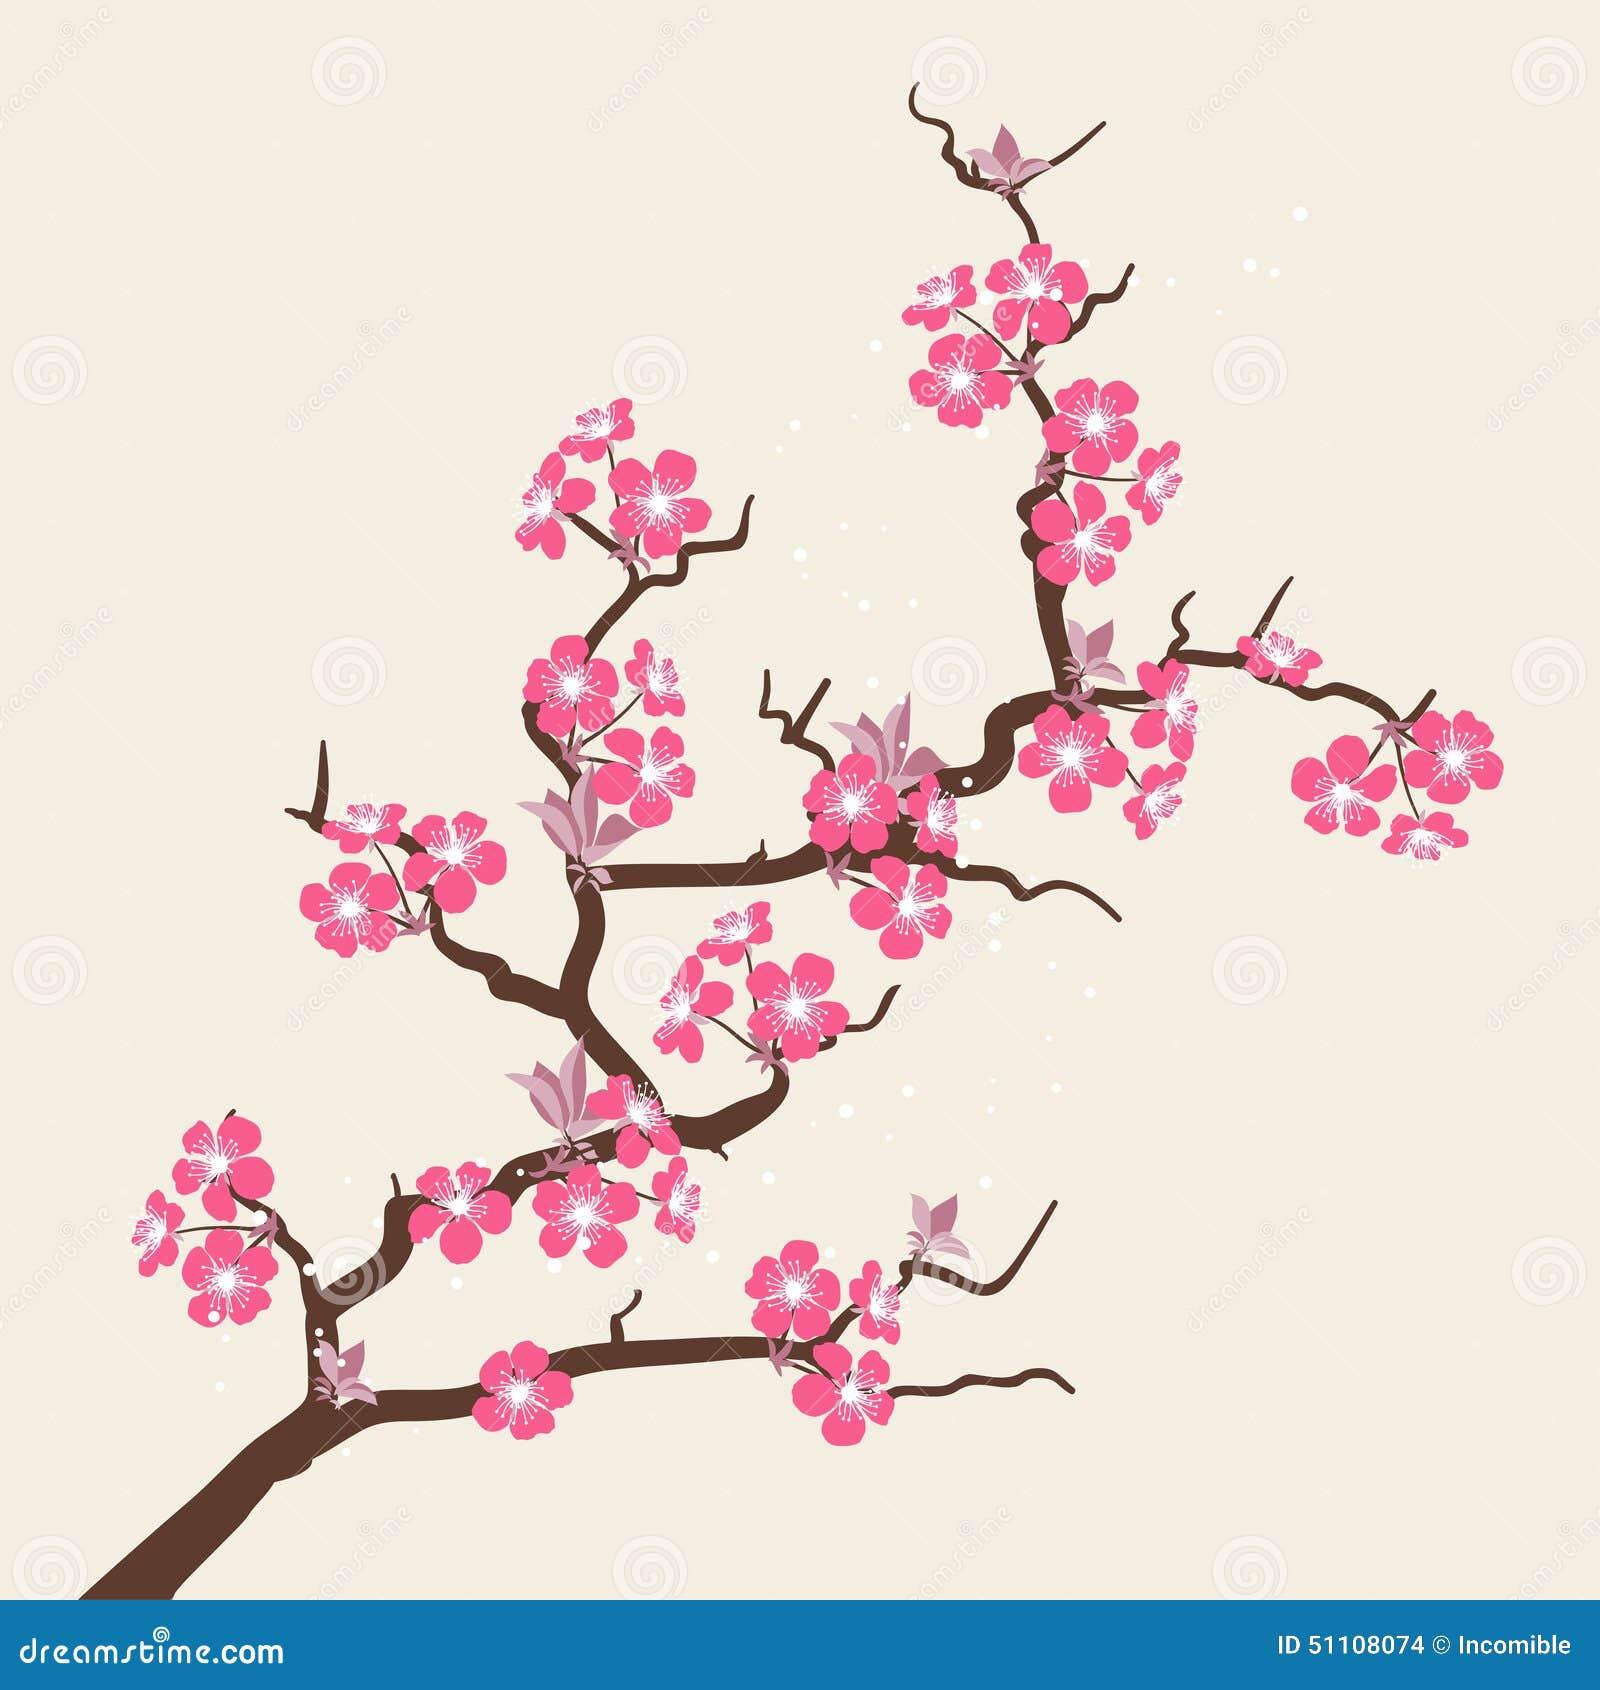 Dessin cerisier japonais fleurs - Cerisier en fleur dessin ...